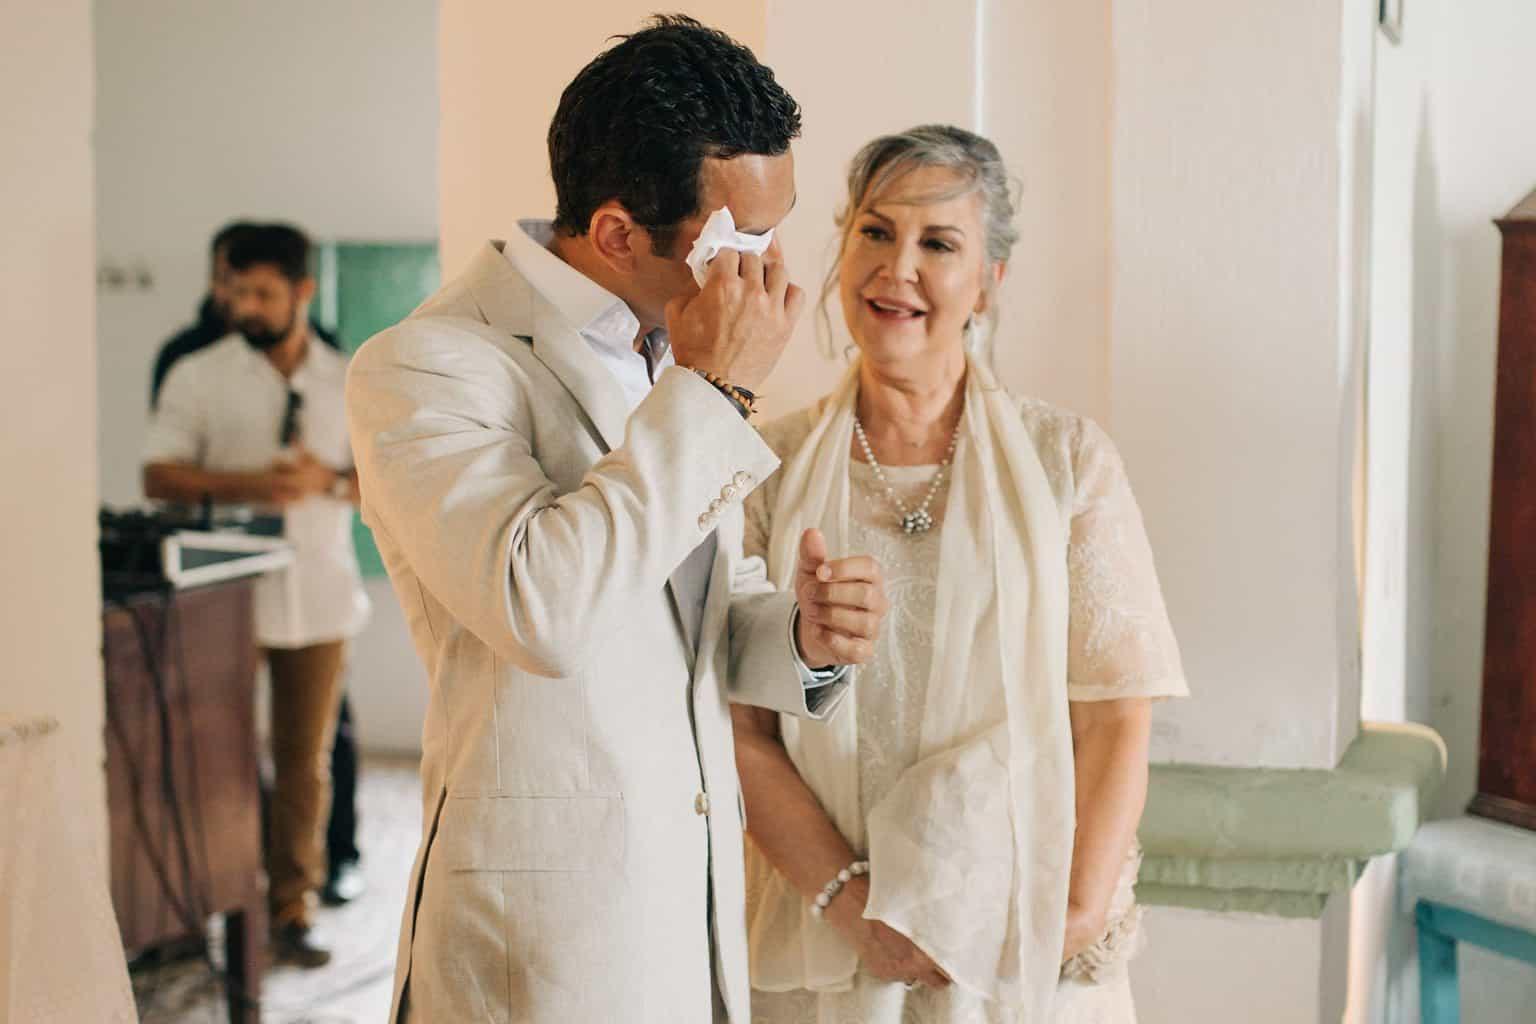 casamento-Danielle-e-Guilherme-aloha-fotografia-caseme-72